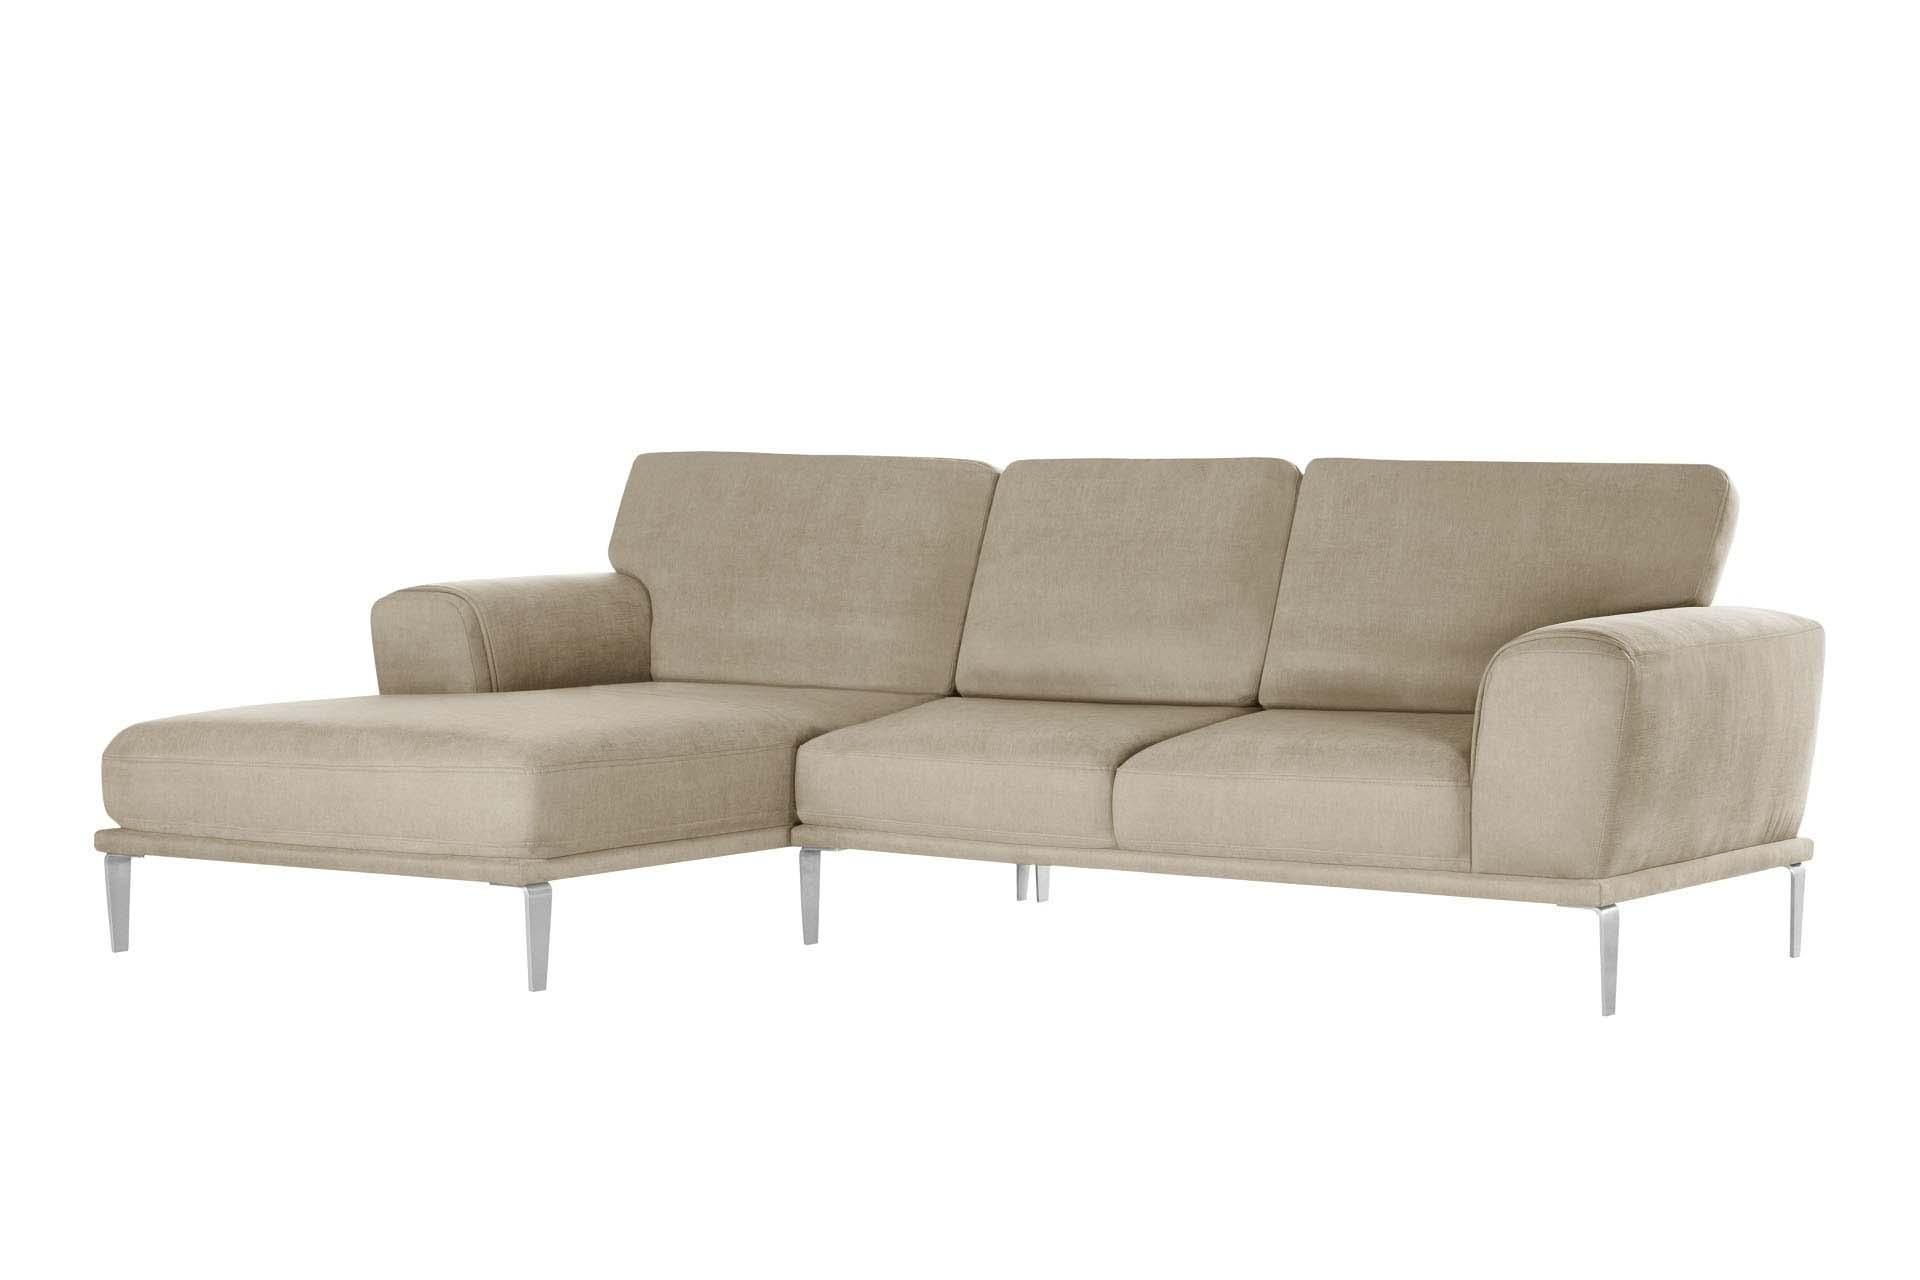 Canapé d'angle 5 places Beige Luxe Design